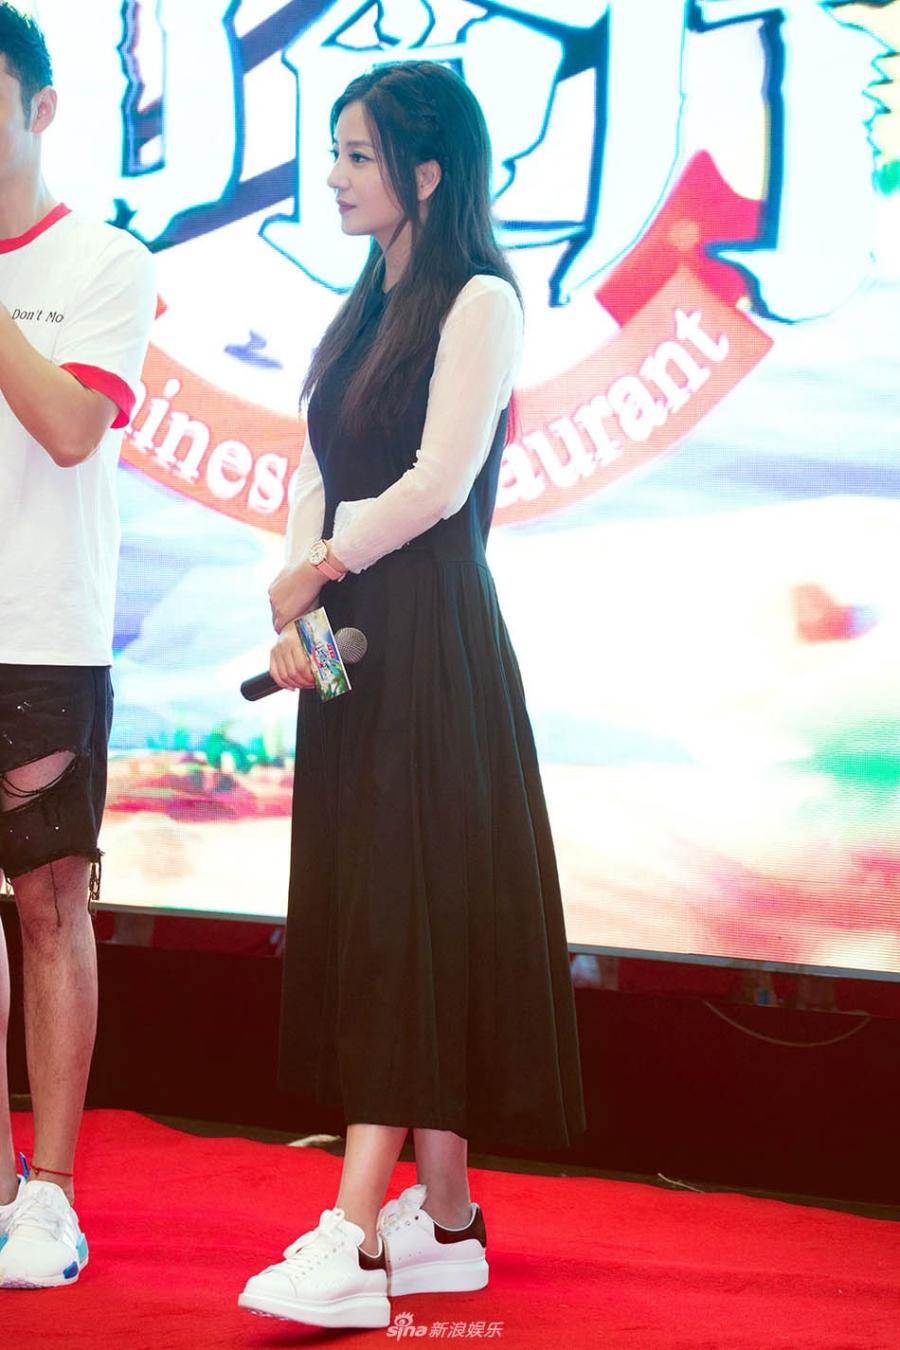 """tham gia gameshow, trieu vy dat hang hieu kin nguoi khien fan """"phat sot phat ret"""" - 6"""